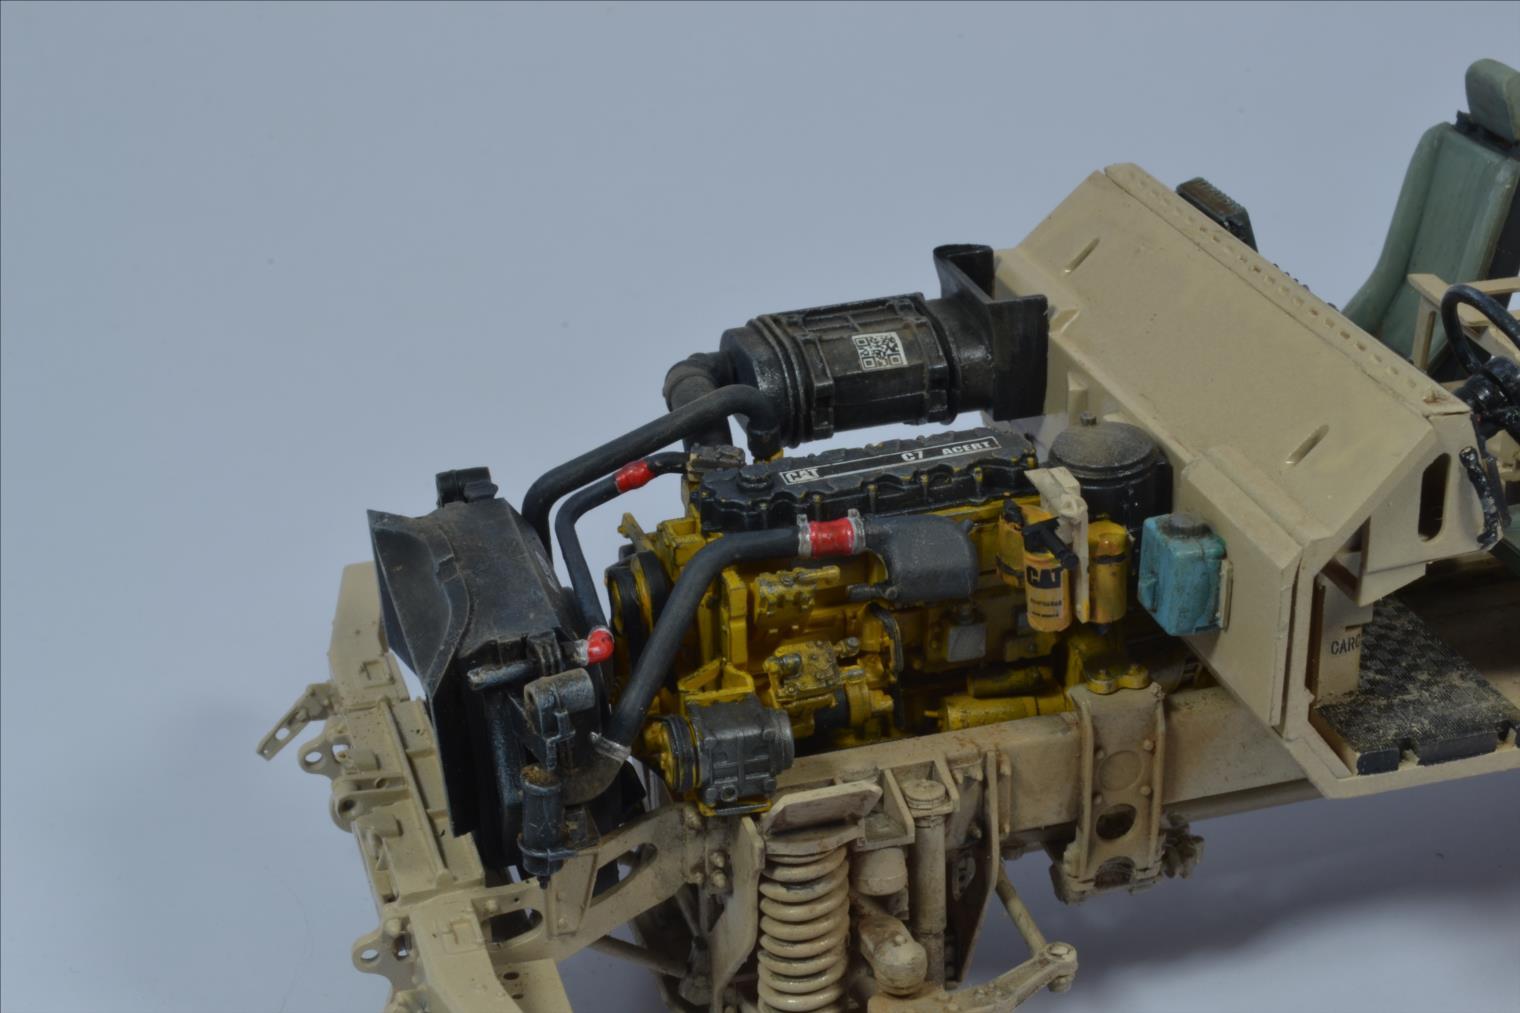 M 1240 A1 M-ATV 1/35 (RFM) - Page 2 20101407564622494217082153